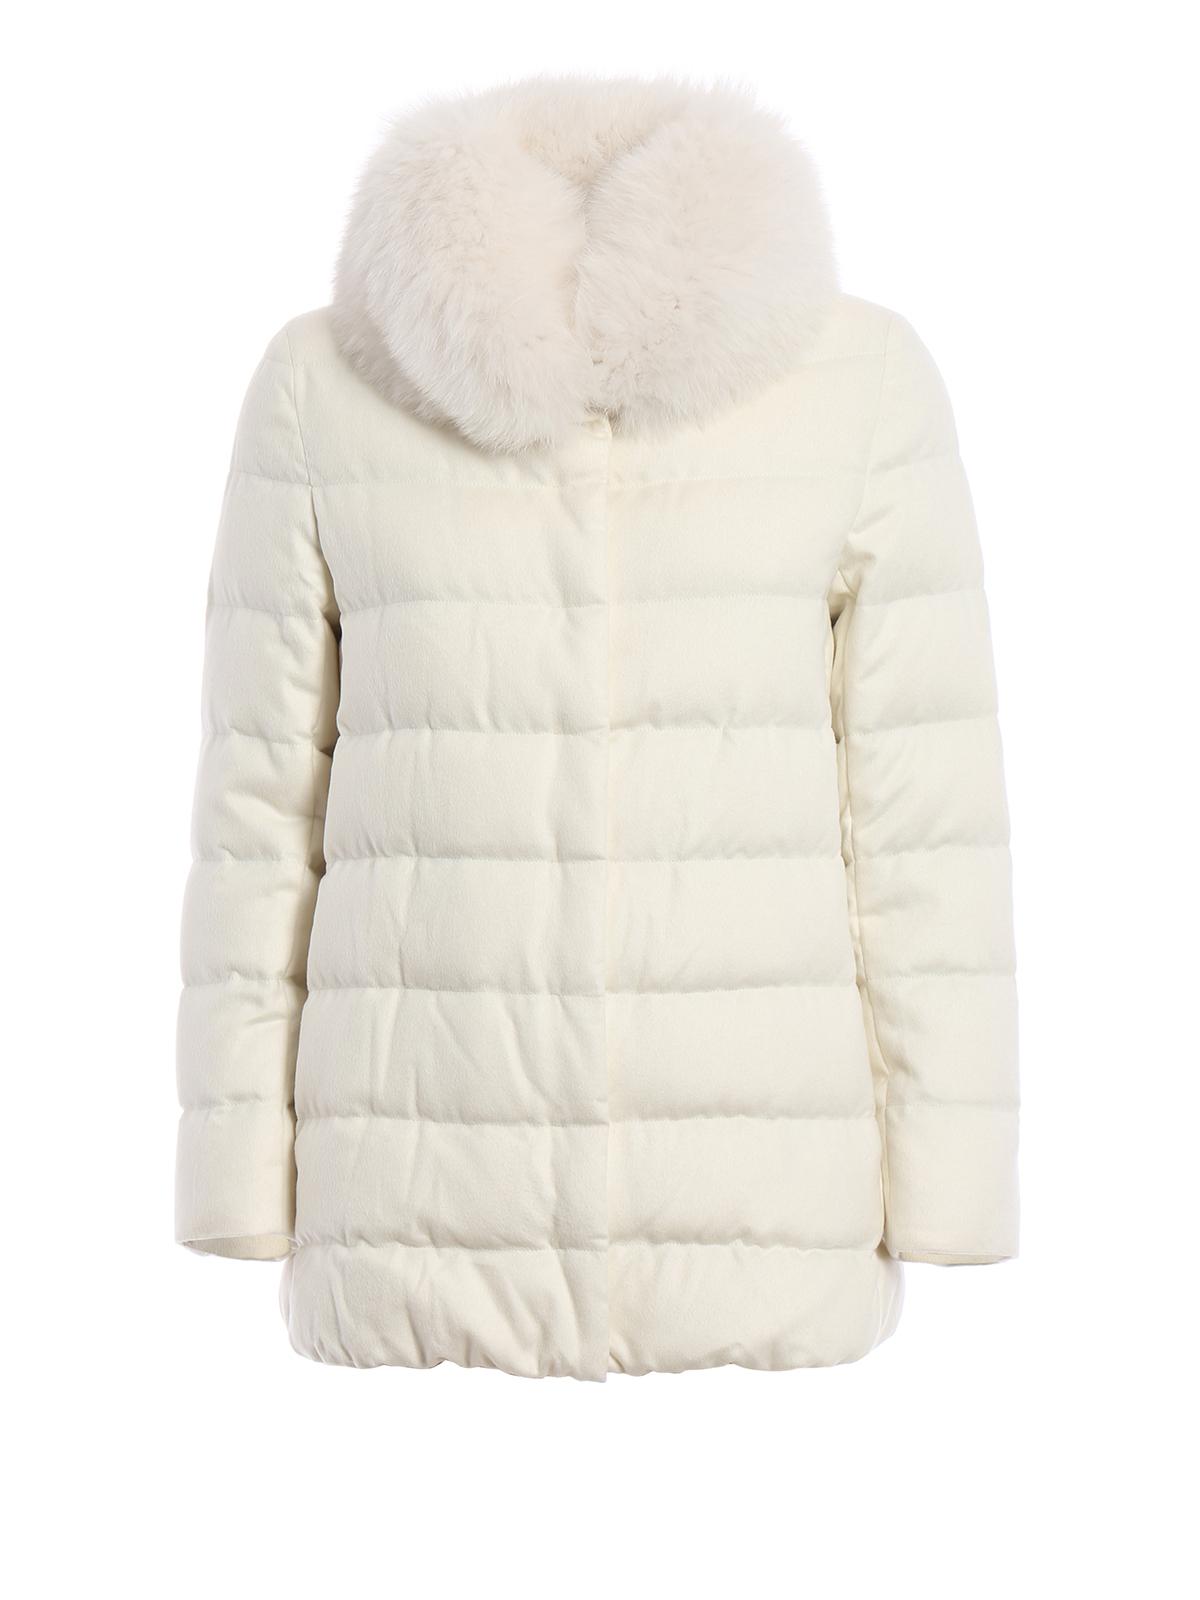 Herno: Cappotto bianco con collo in pelliccia